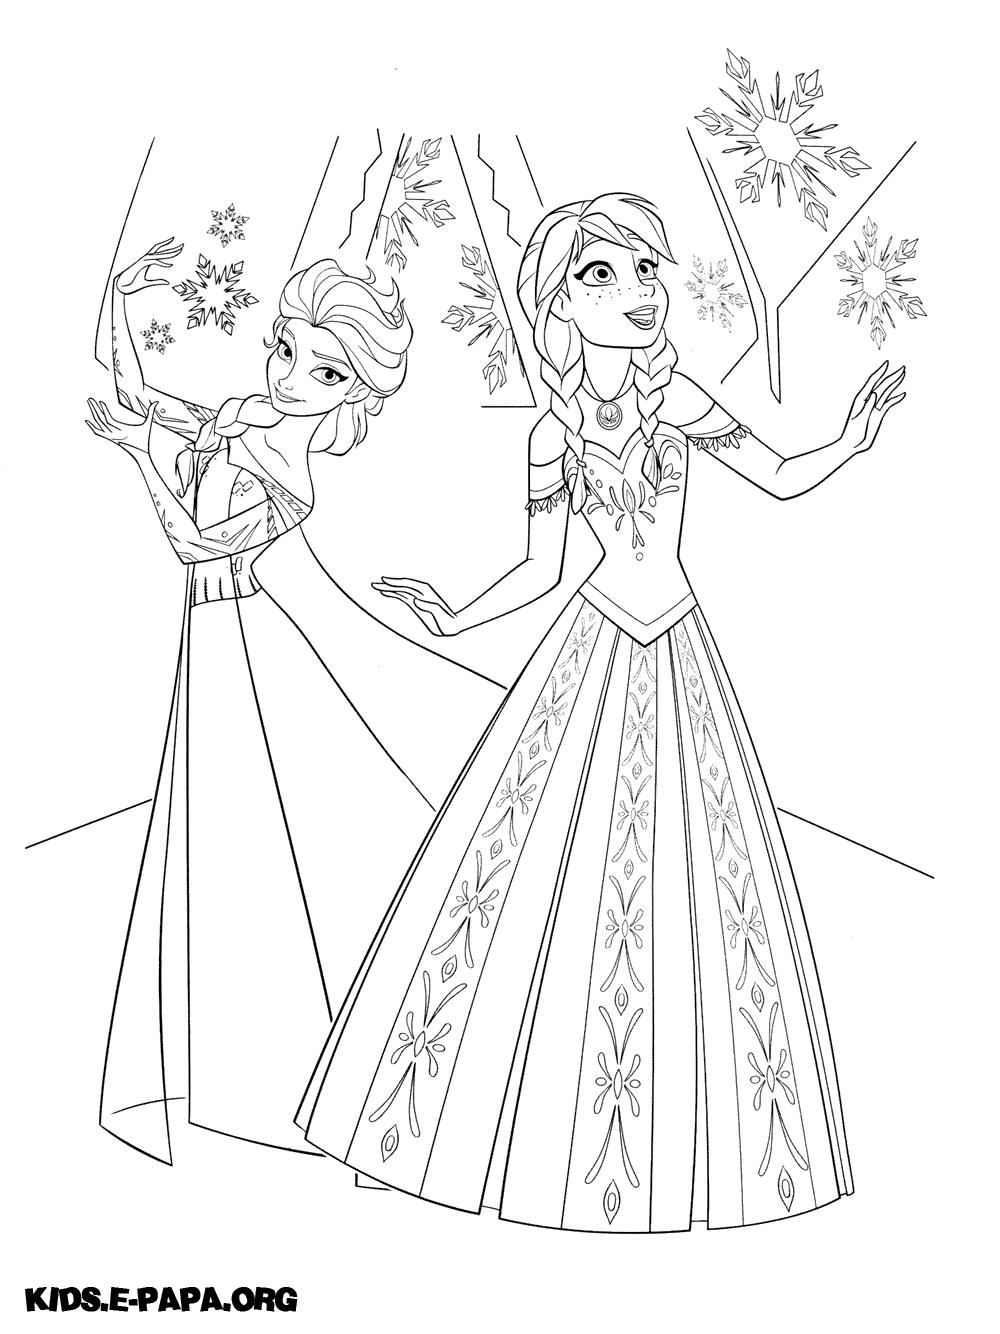 Ausmalbilder Anna Und Elsa - Ausmalbilder Coloring Pages